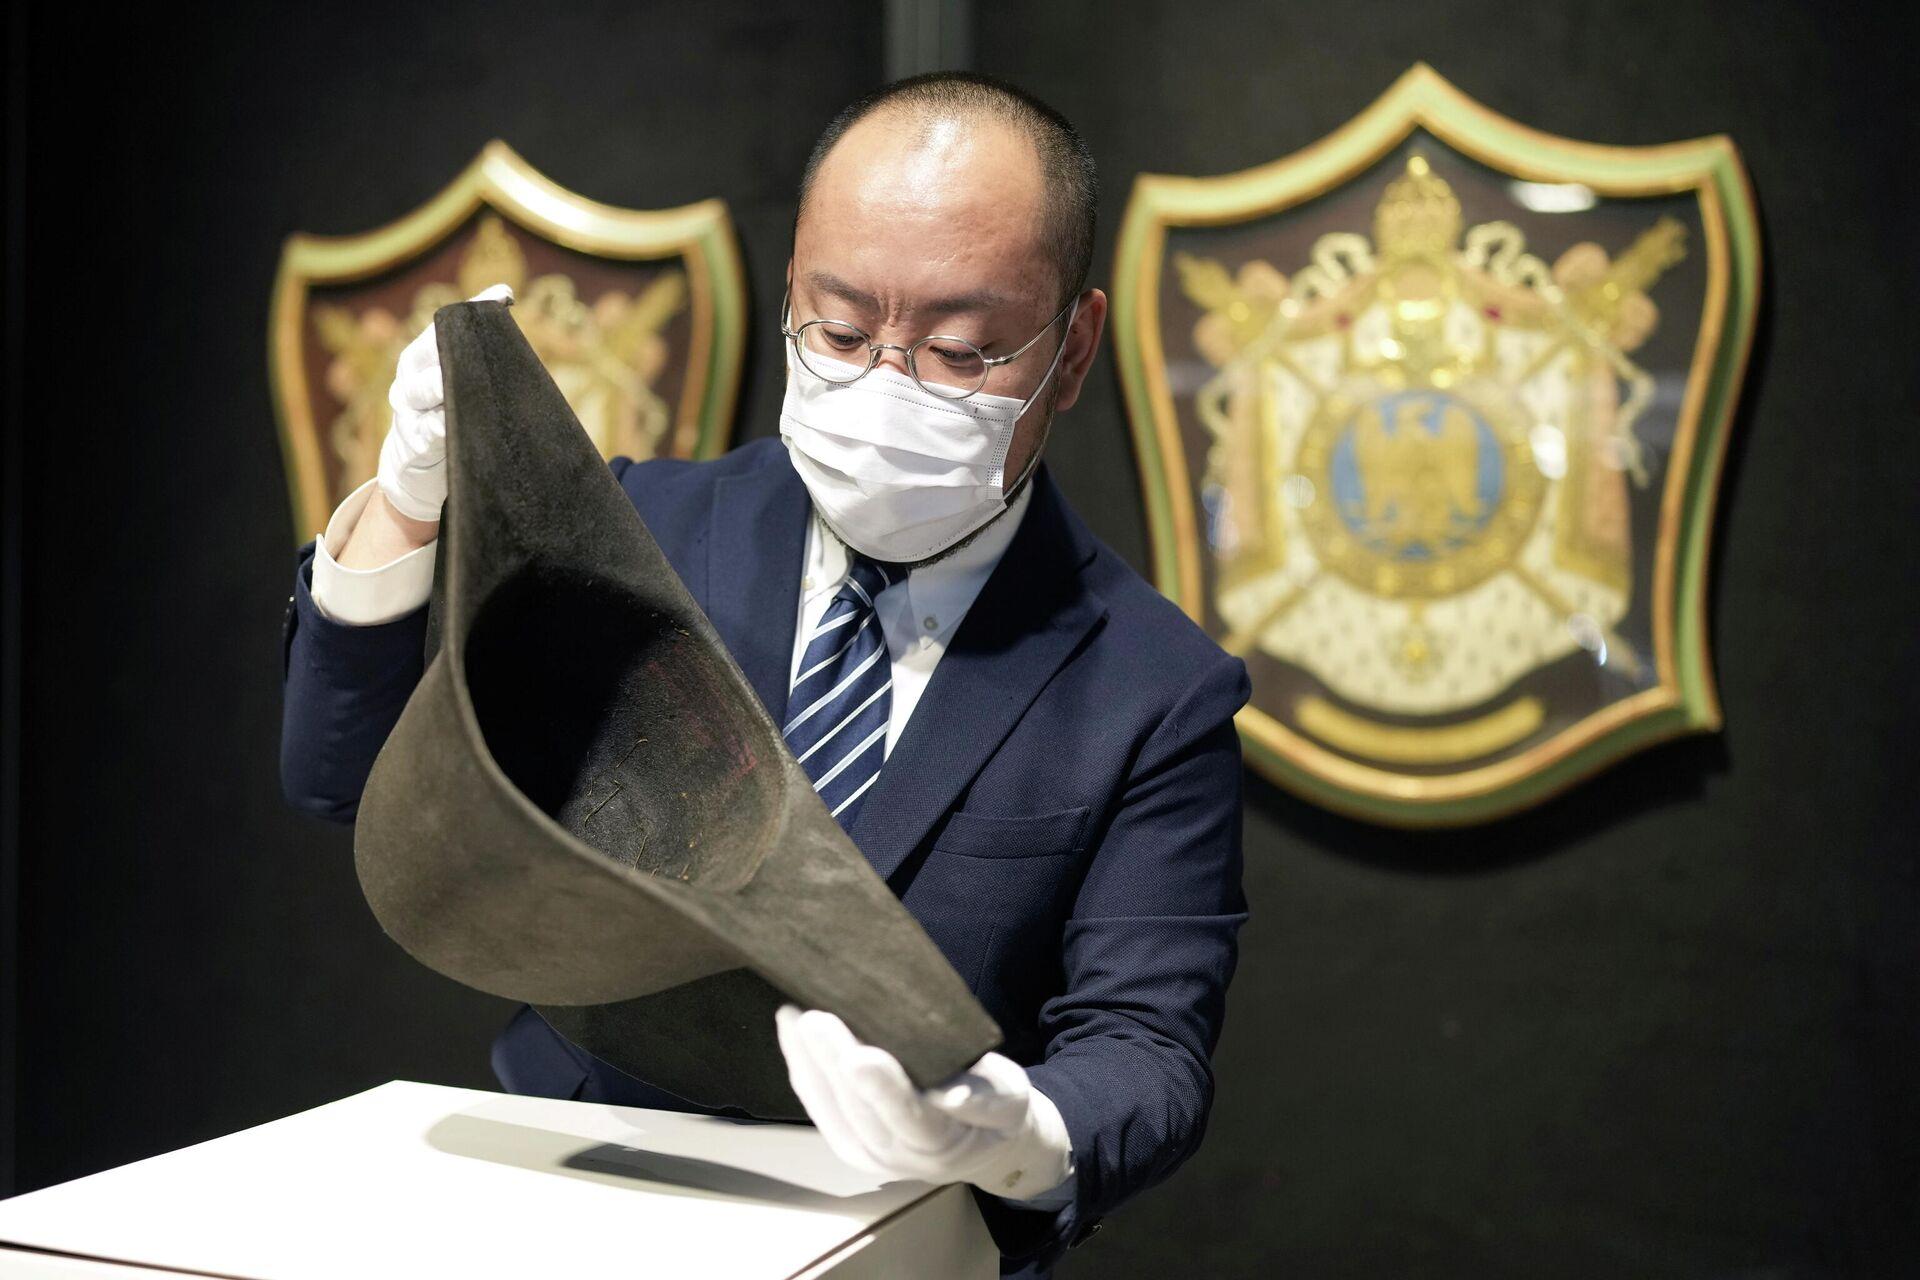 Bikorn, zimska kapa koja je pripadala pokojnom francuskom vojskovođi Napoleonu Bonaparti izložena je uoči aukcije u Bonhamsu u Hongkongu, Kina, 3. septembra 2021. - Sputnik Srbija, 1920, 07.09.2021